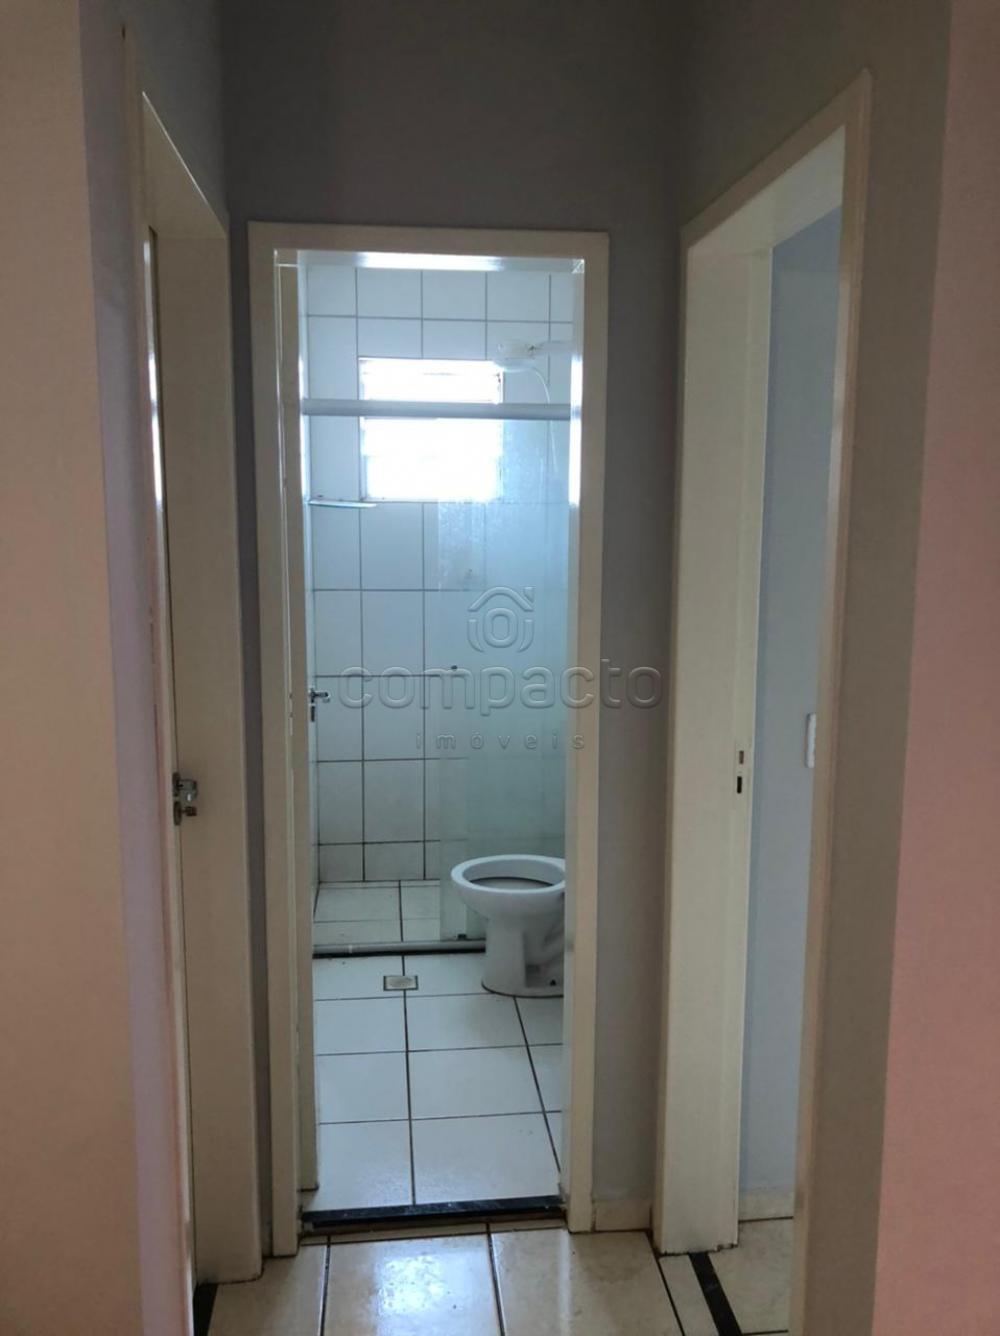 Alugar Apartamento / Padrão em São José do Rio Preto R$ 750,00 - Foto 6